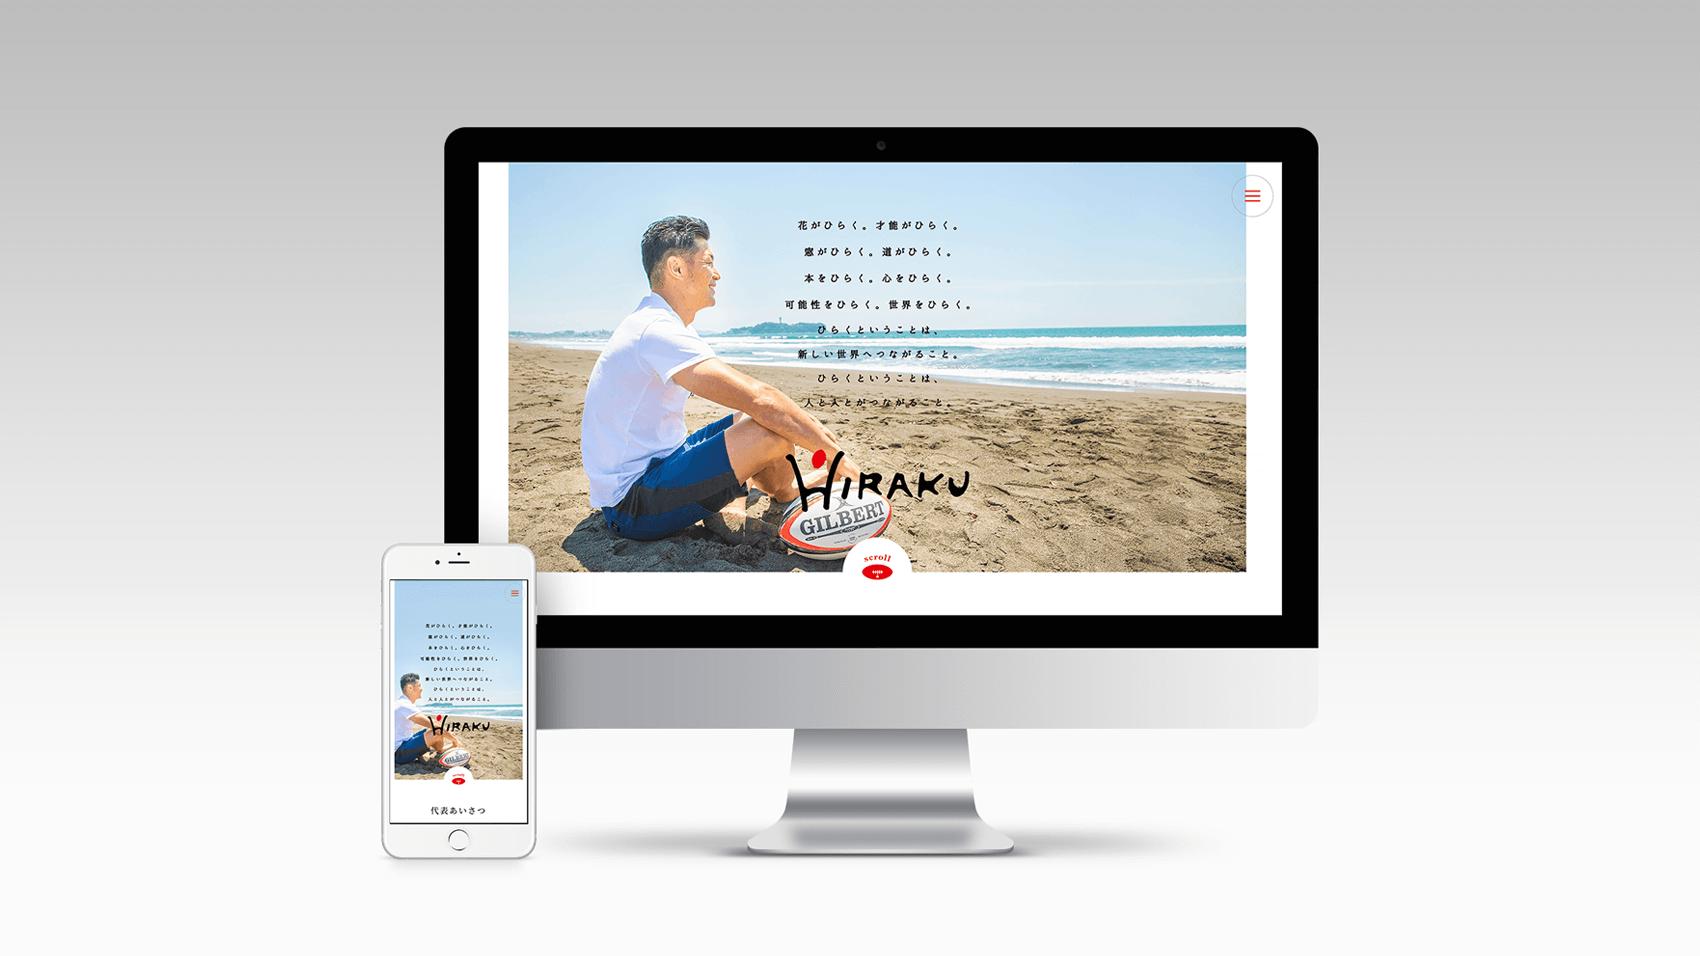 元ラクビー日本代表・廣瀬俊朗さんが立ち上げた「株式会社HiRAKU」のwebサイトデザイン